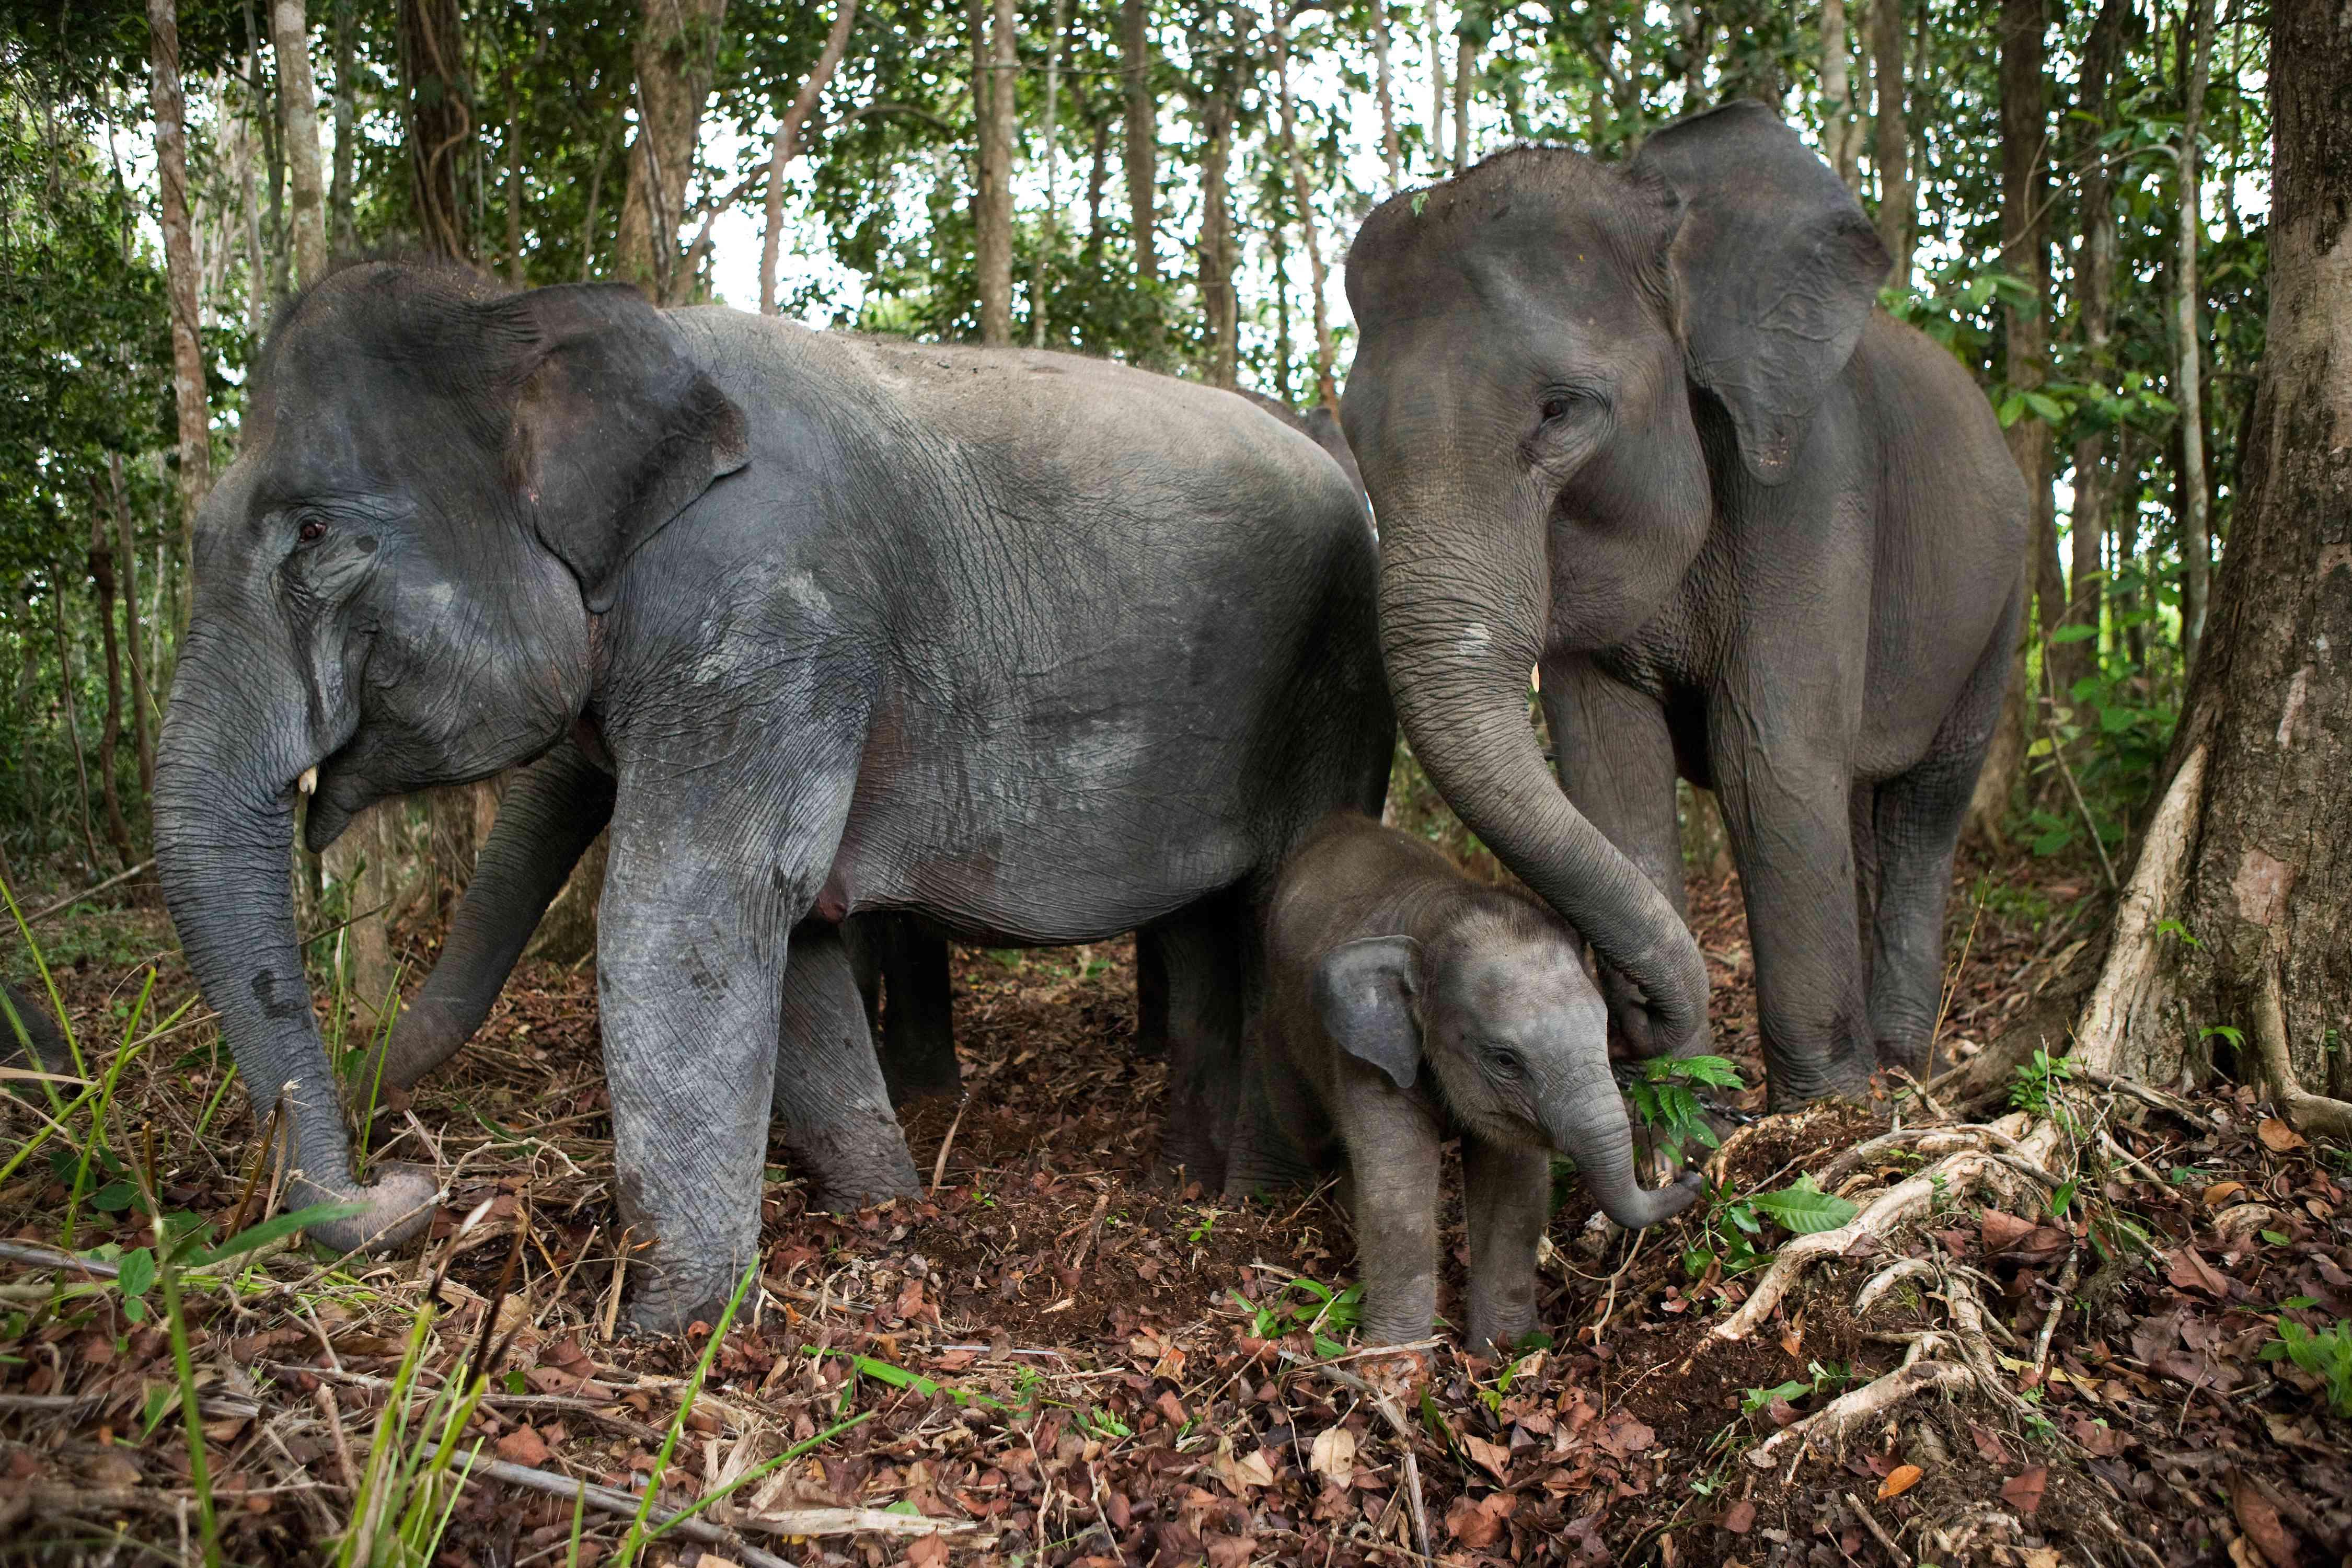 An elephant family in Way Kambas National Park, Sumatra